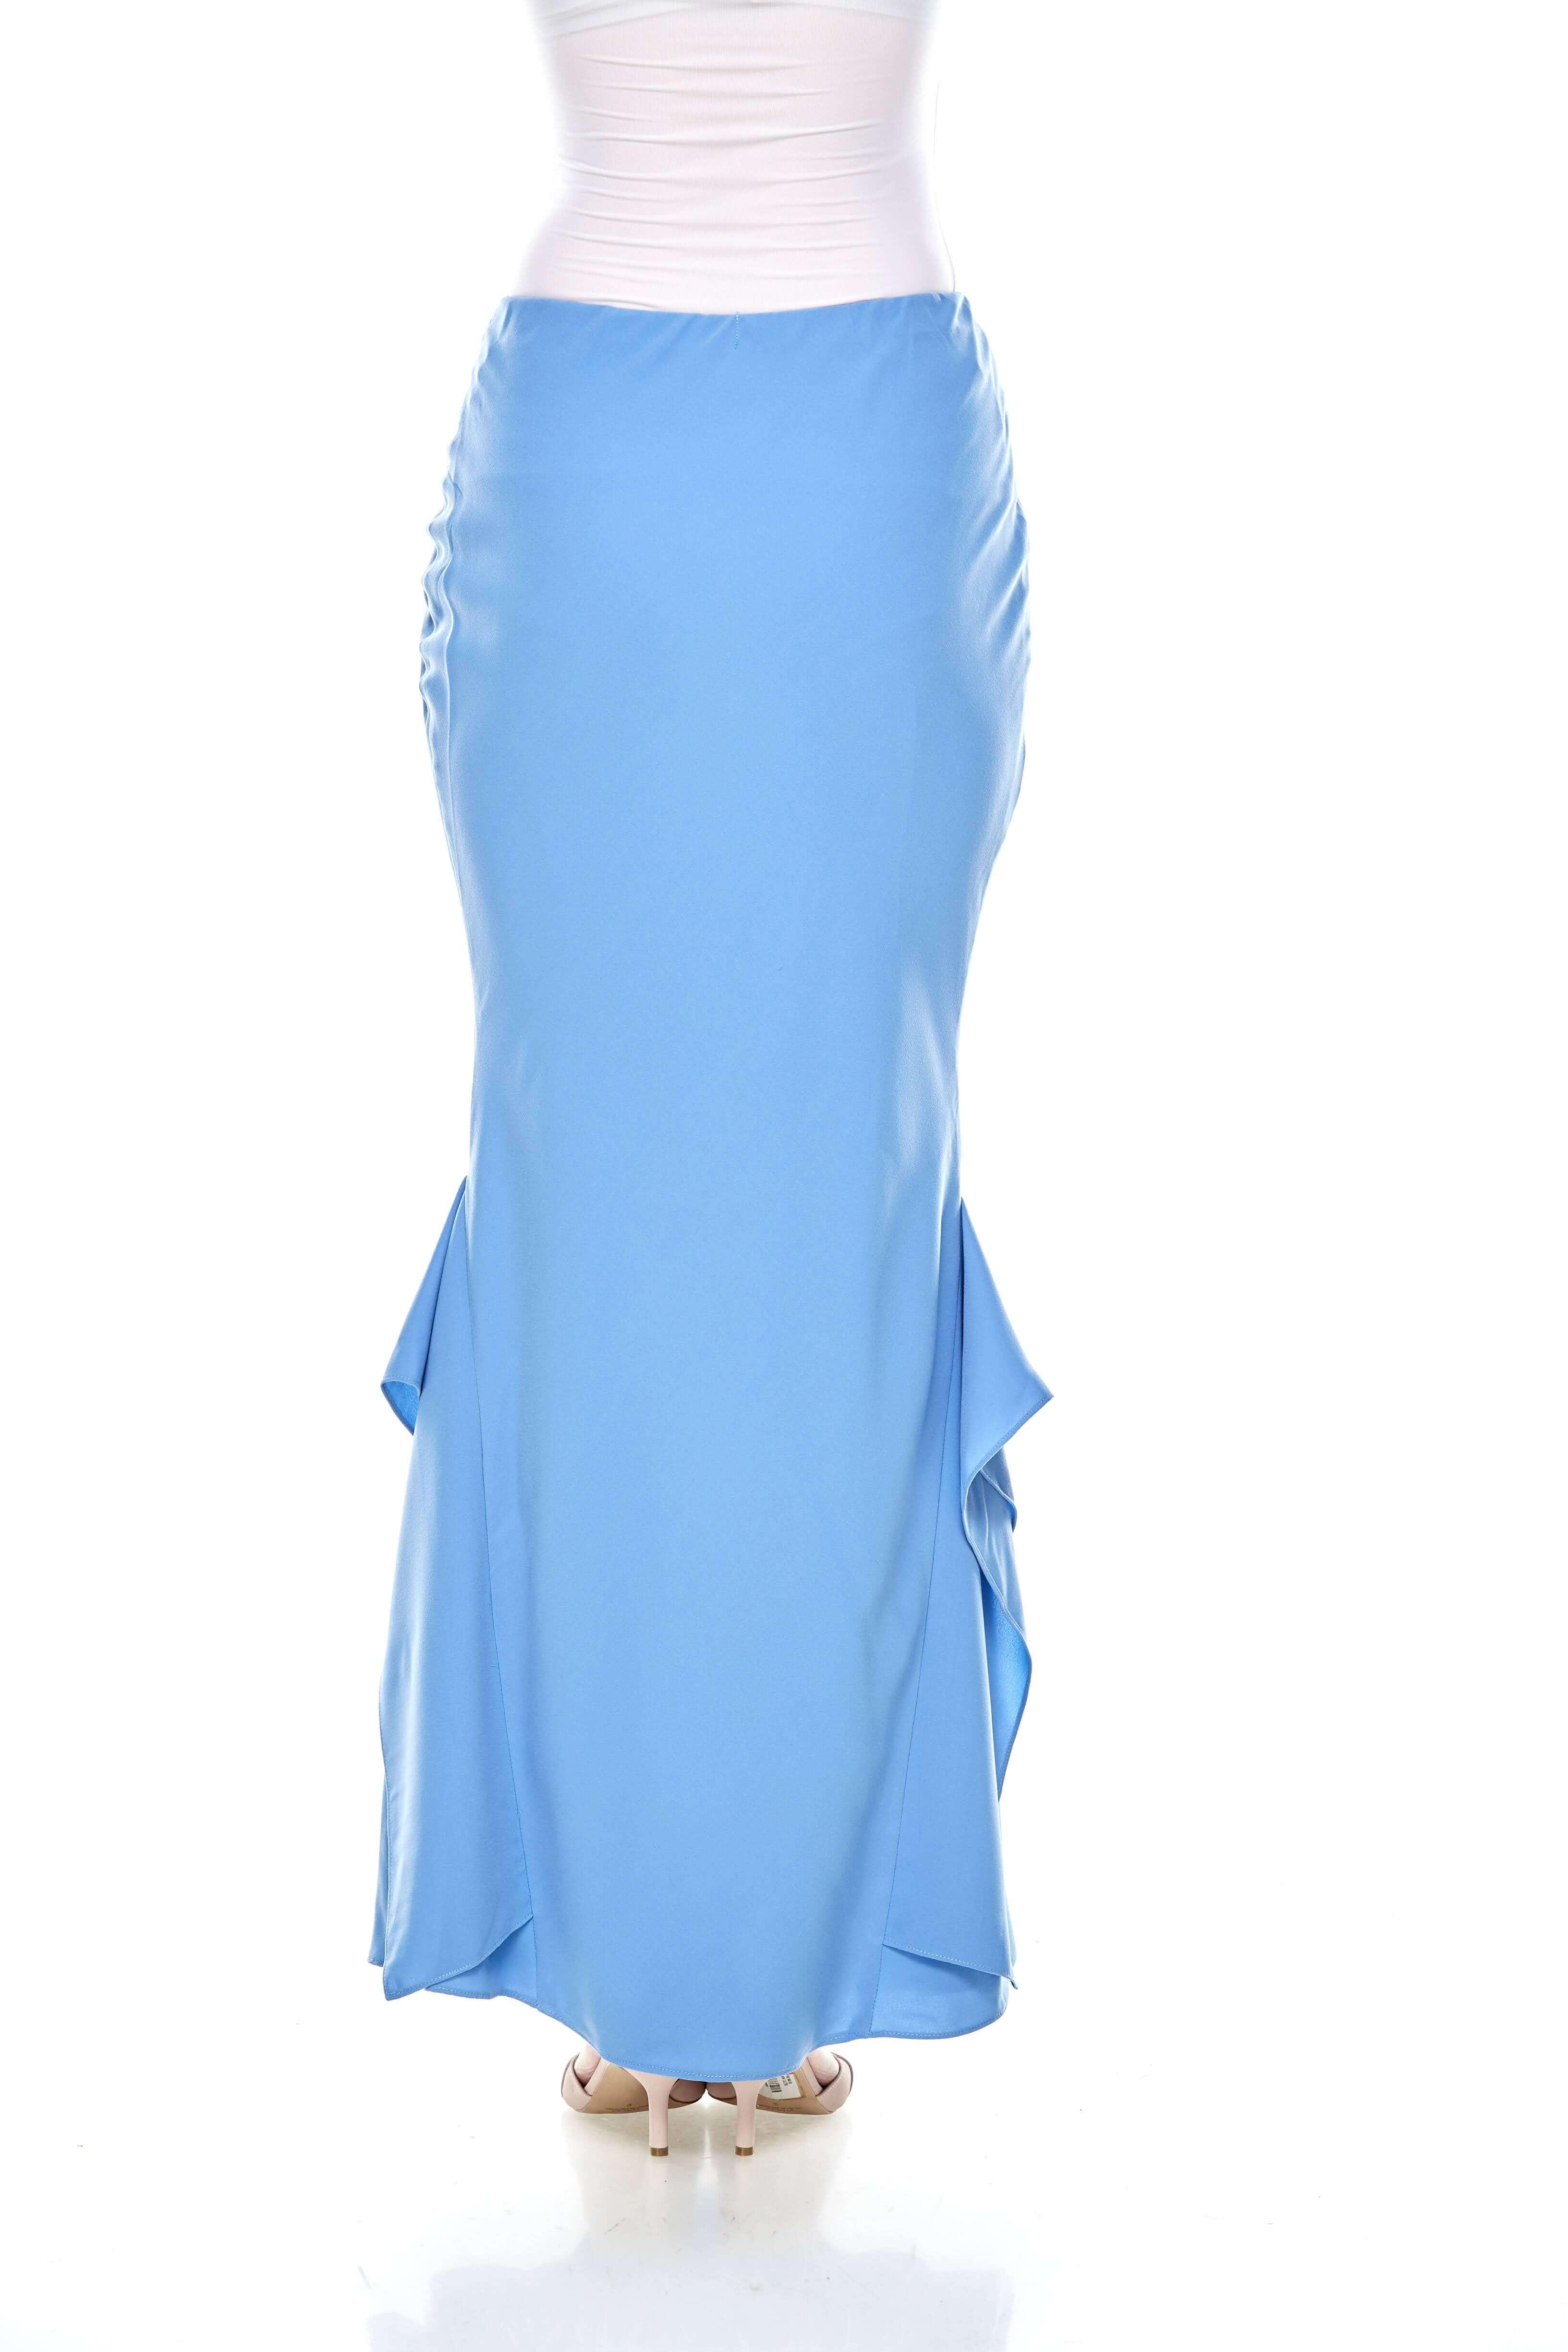 Baby Blue Ruffle Mermaid Skirt (3)